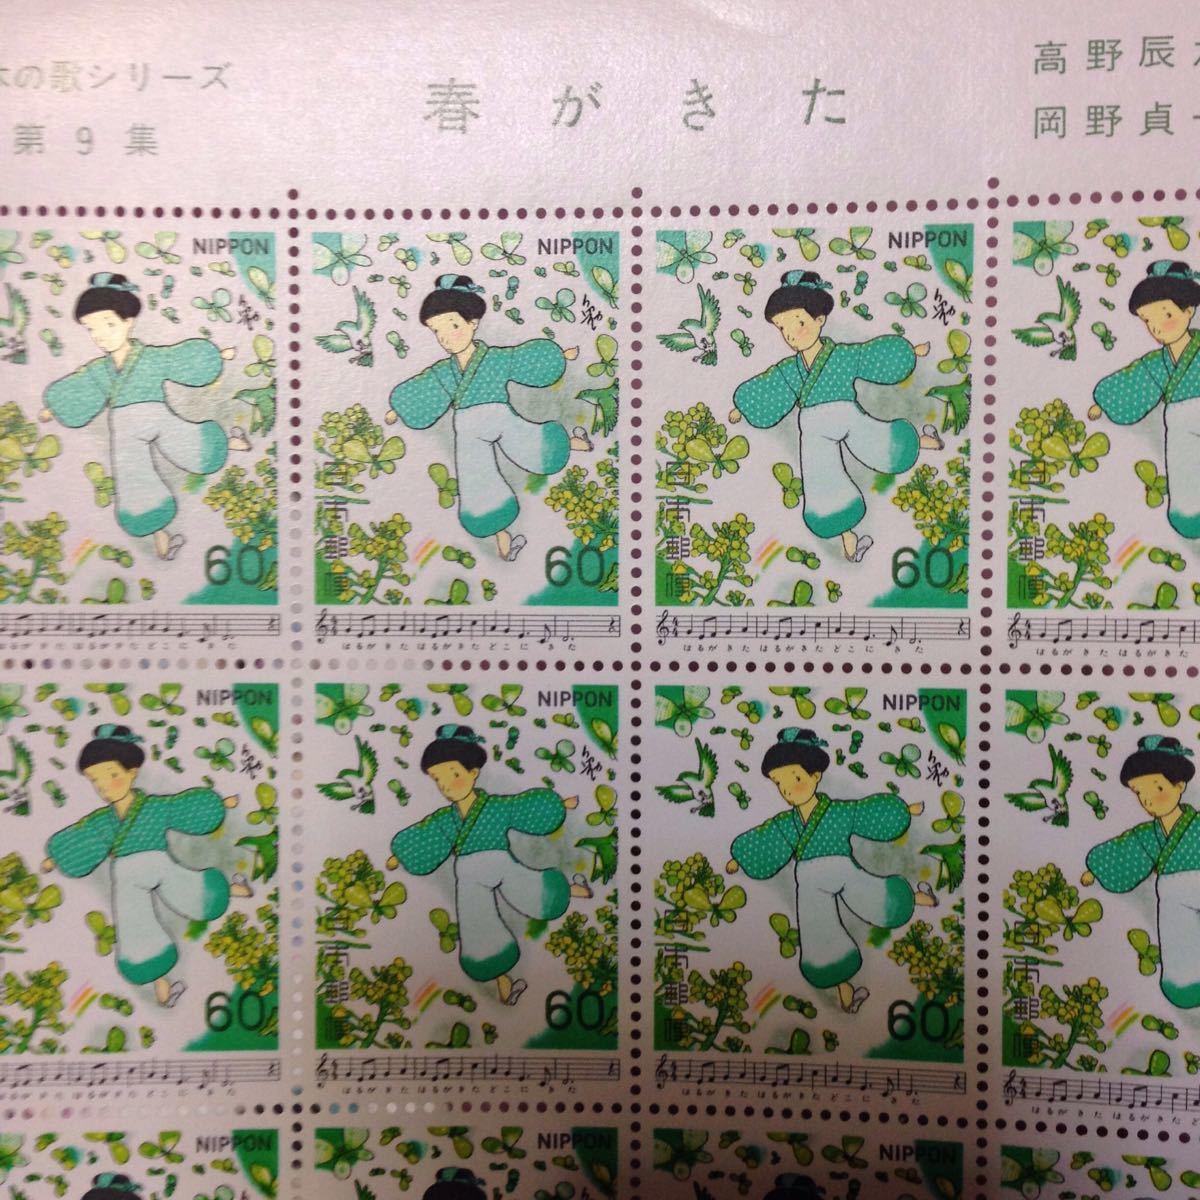 記念切手【日本の歌シリーズ】3シート